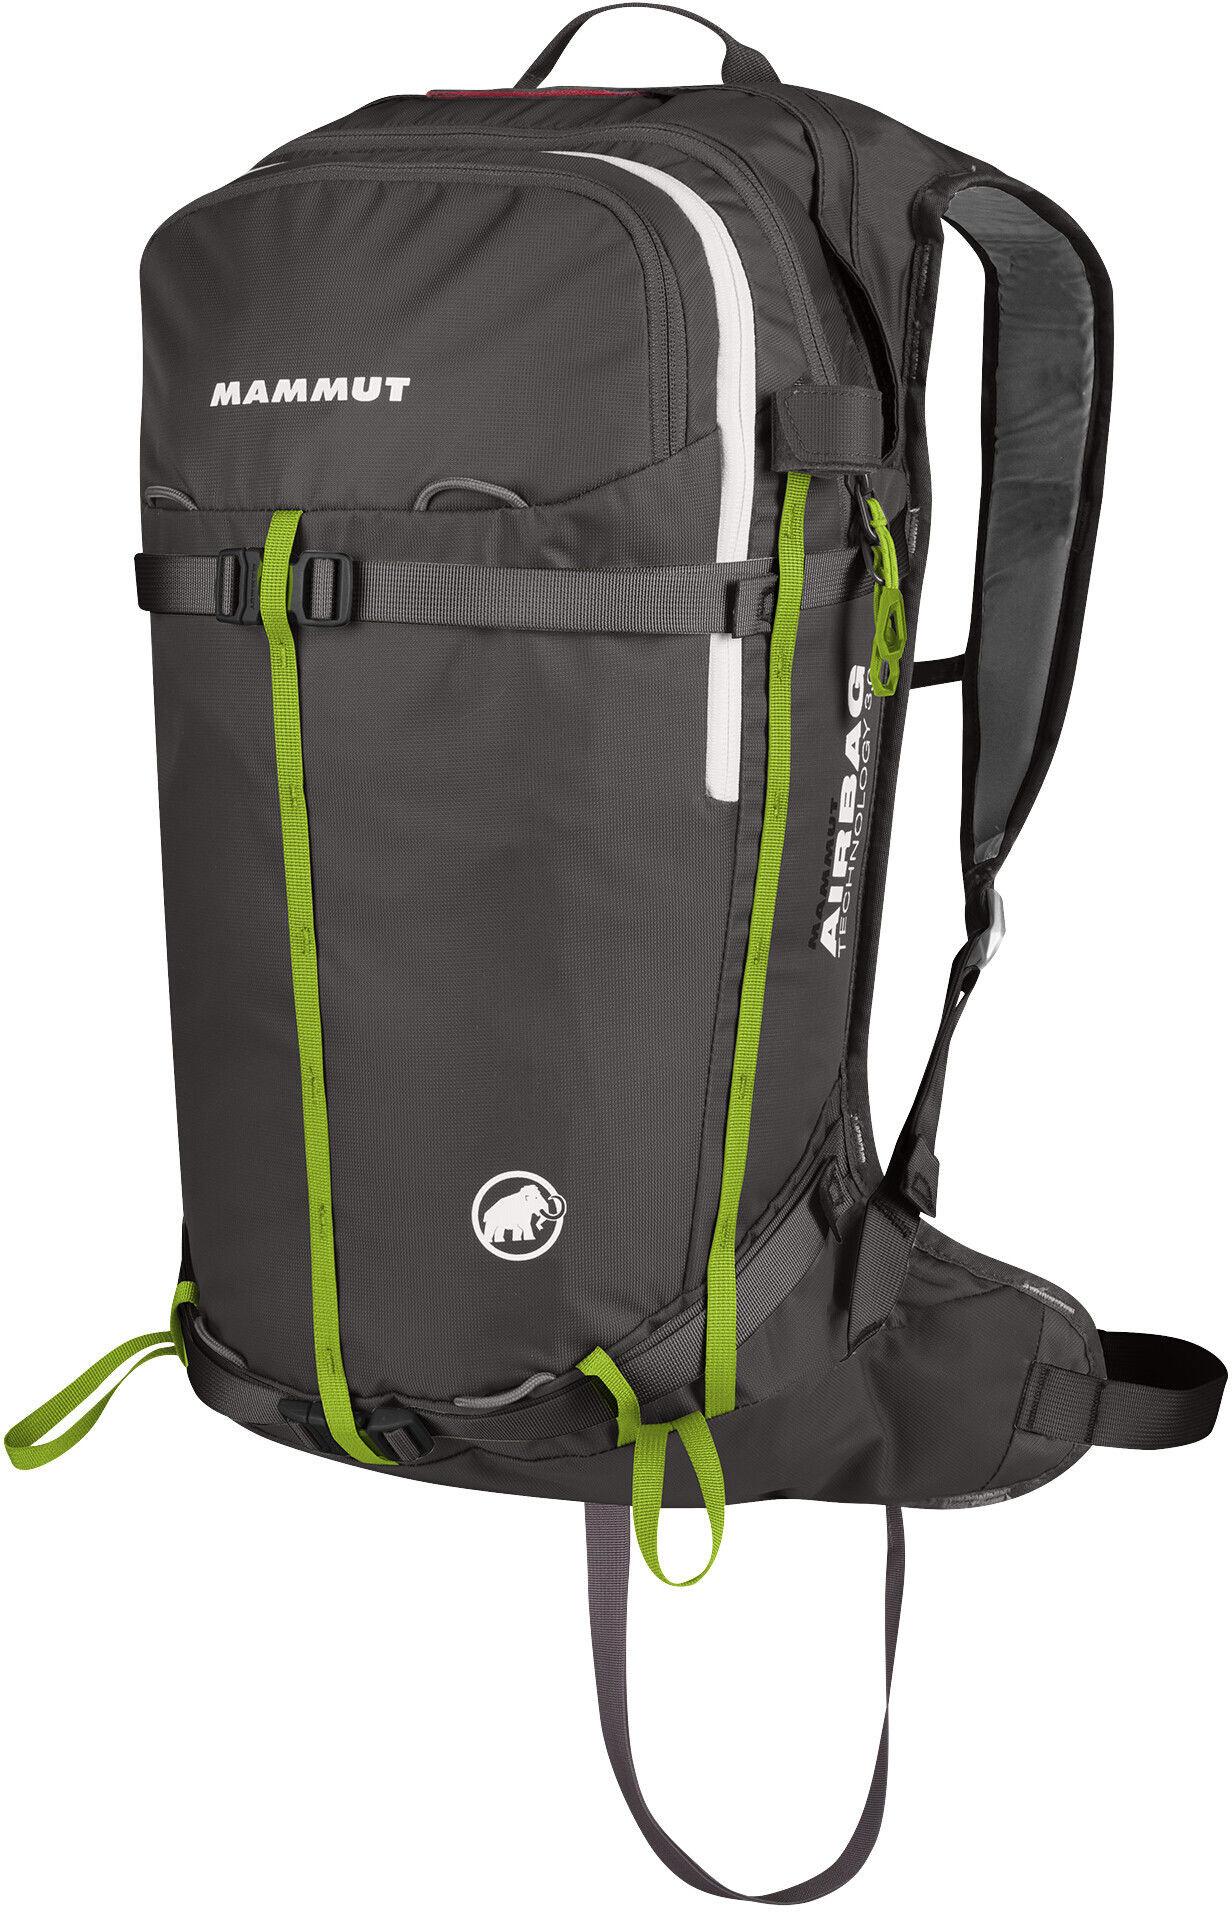 34ca130f29 Mammut Flip Removable Airbag 3.0 Zaino airbag 22l grigio su Addnature